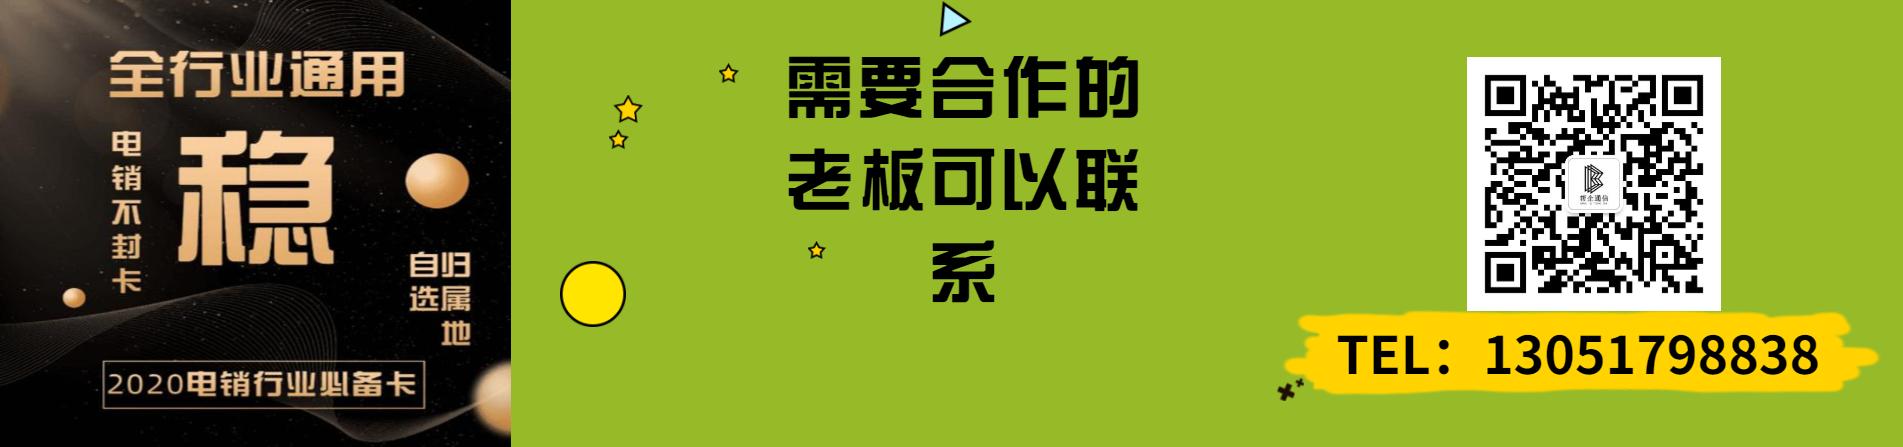 http://www.dianxiaow.com/data/upload/202008/20200810151306_790.jpg